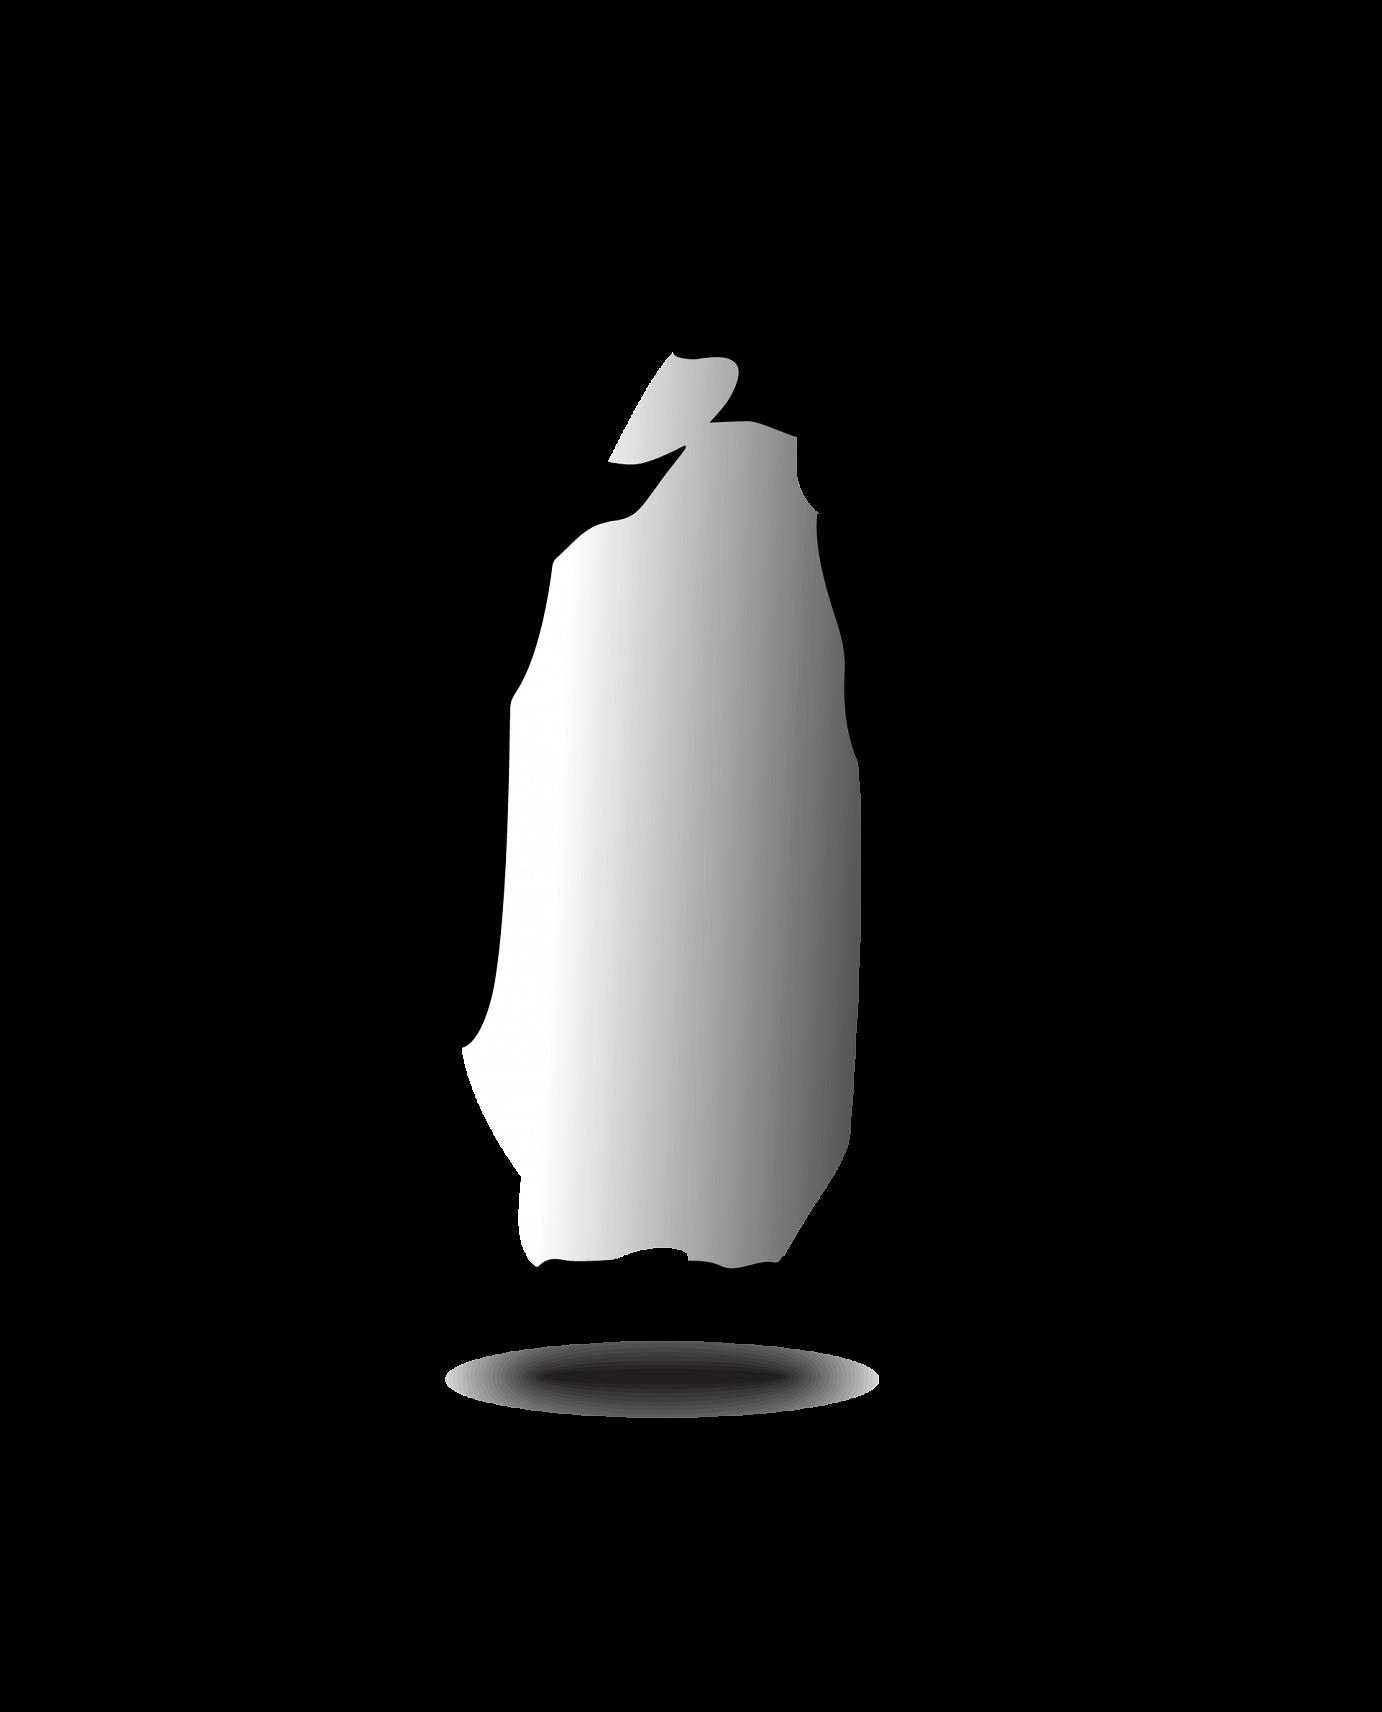 Caffe Pinguini logo top